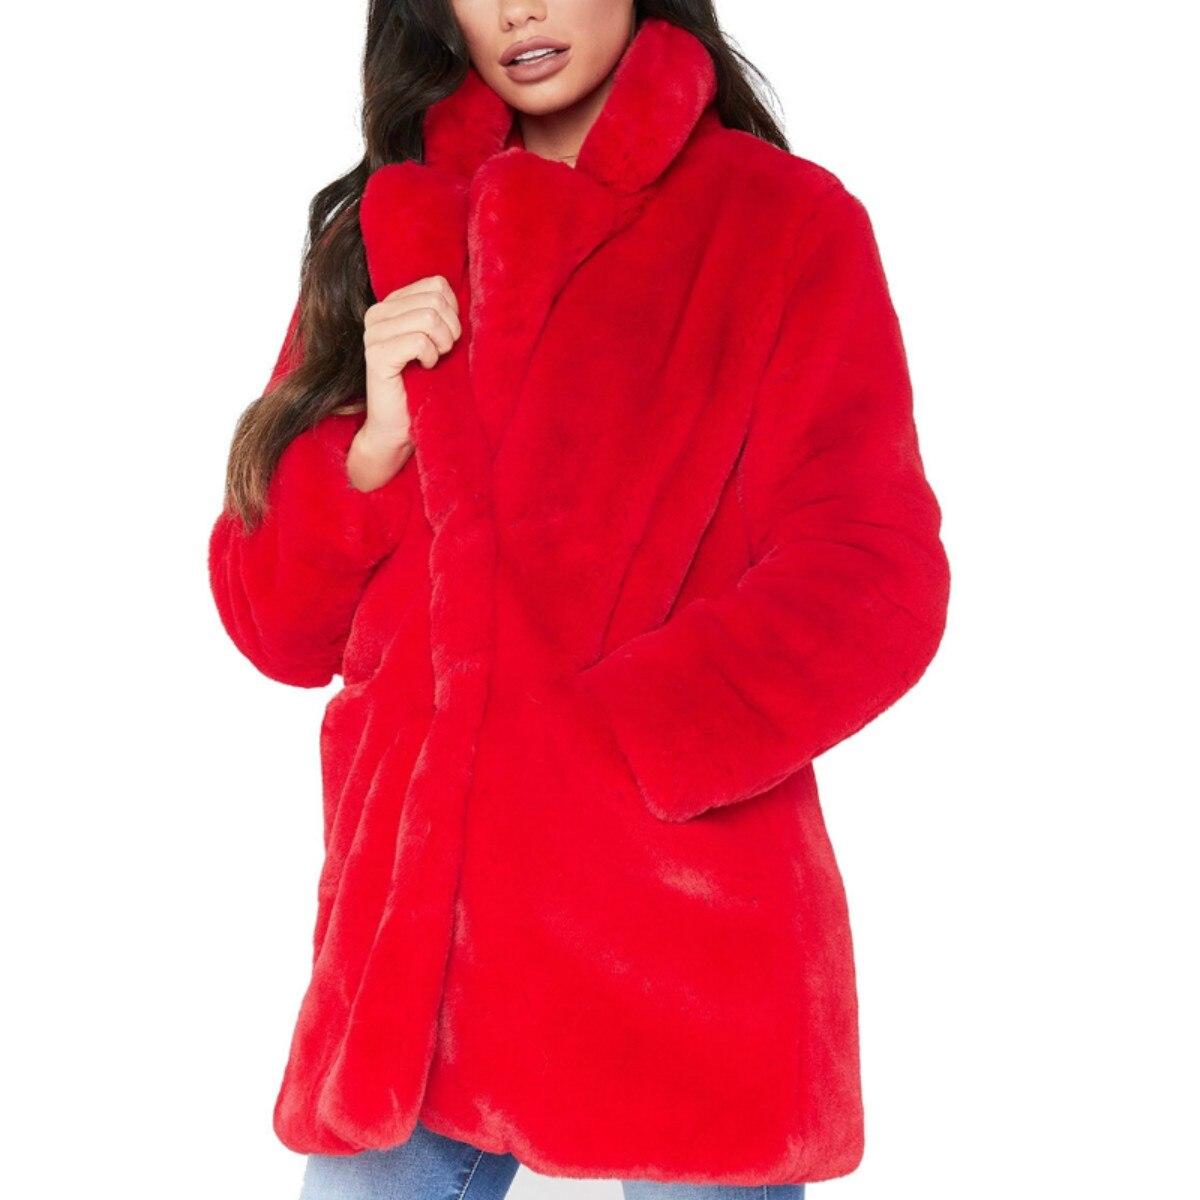 Manteau d'hiver Femme Agneau Court Paragraphe Épaissir